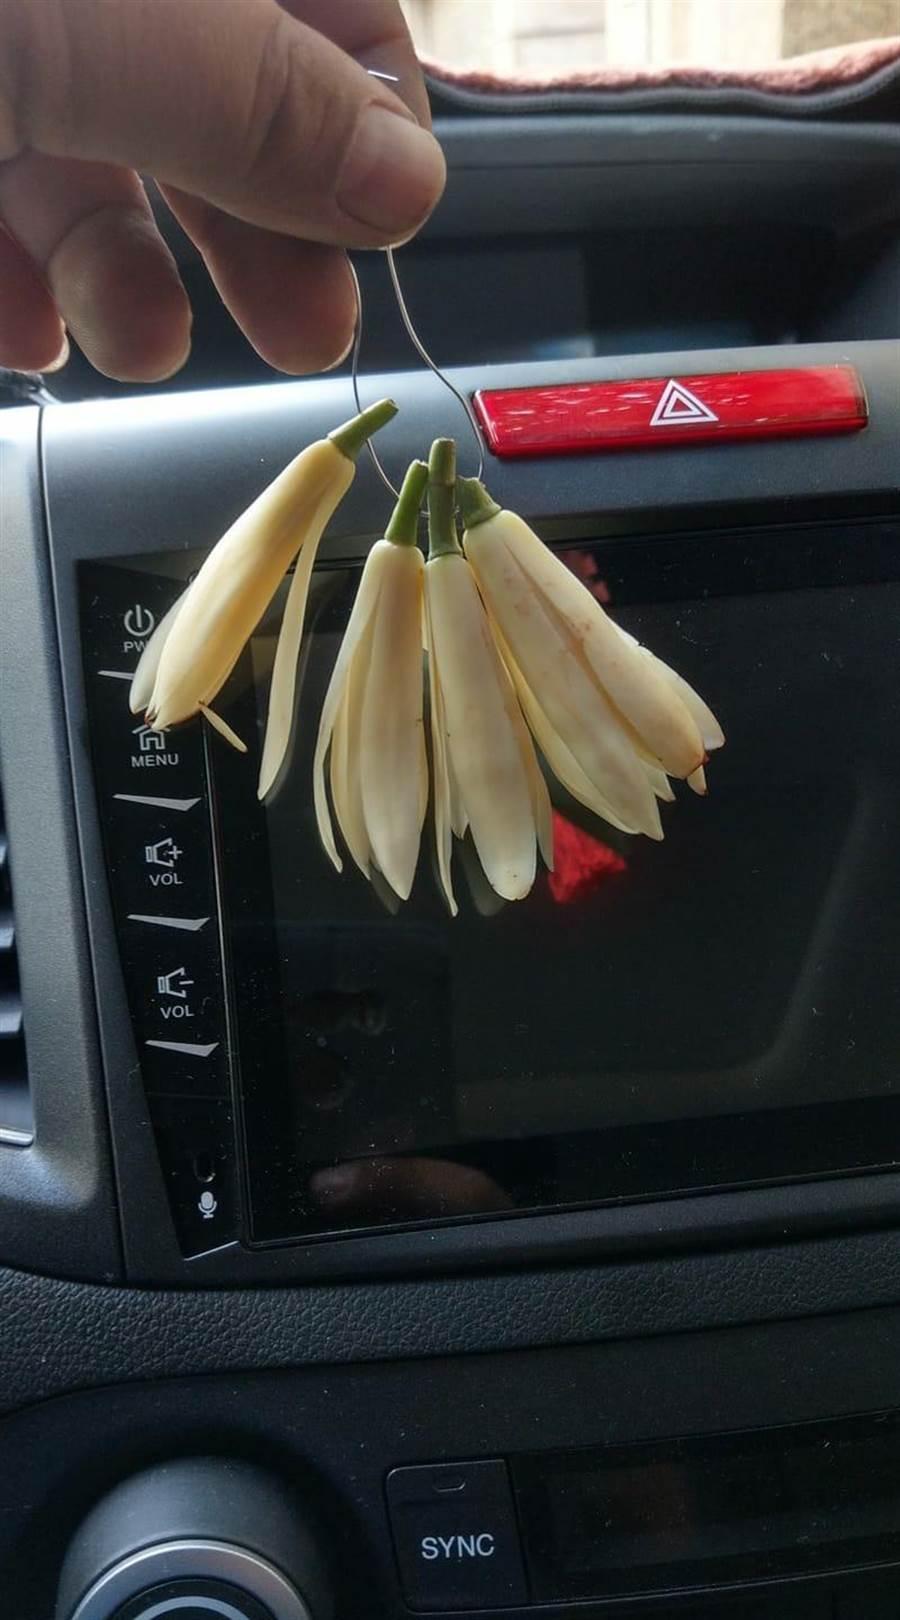 有網友在《爆怨公社》上po文表示,「是我太久沒買玉蘭花不知道價格漲這麼多嗎?這一串要價90元!」。翻攝《爆怨公社》